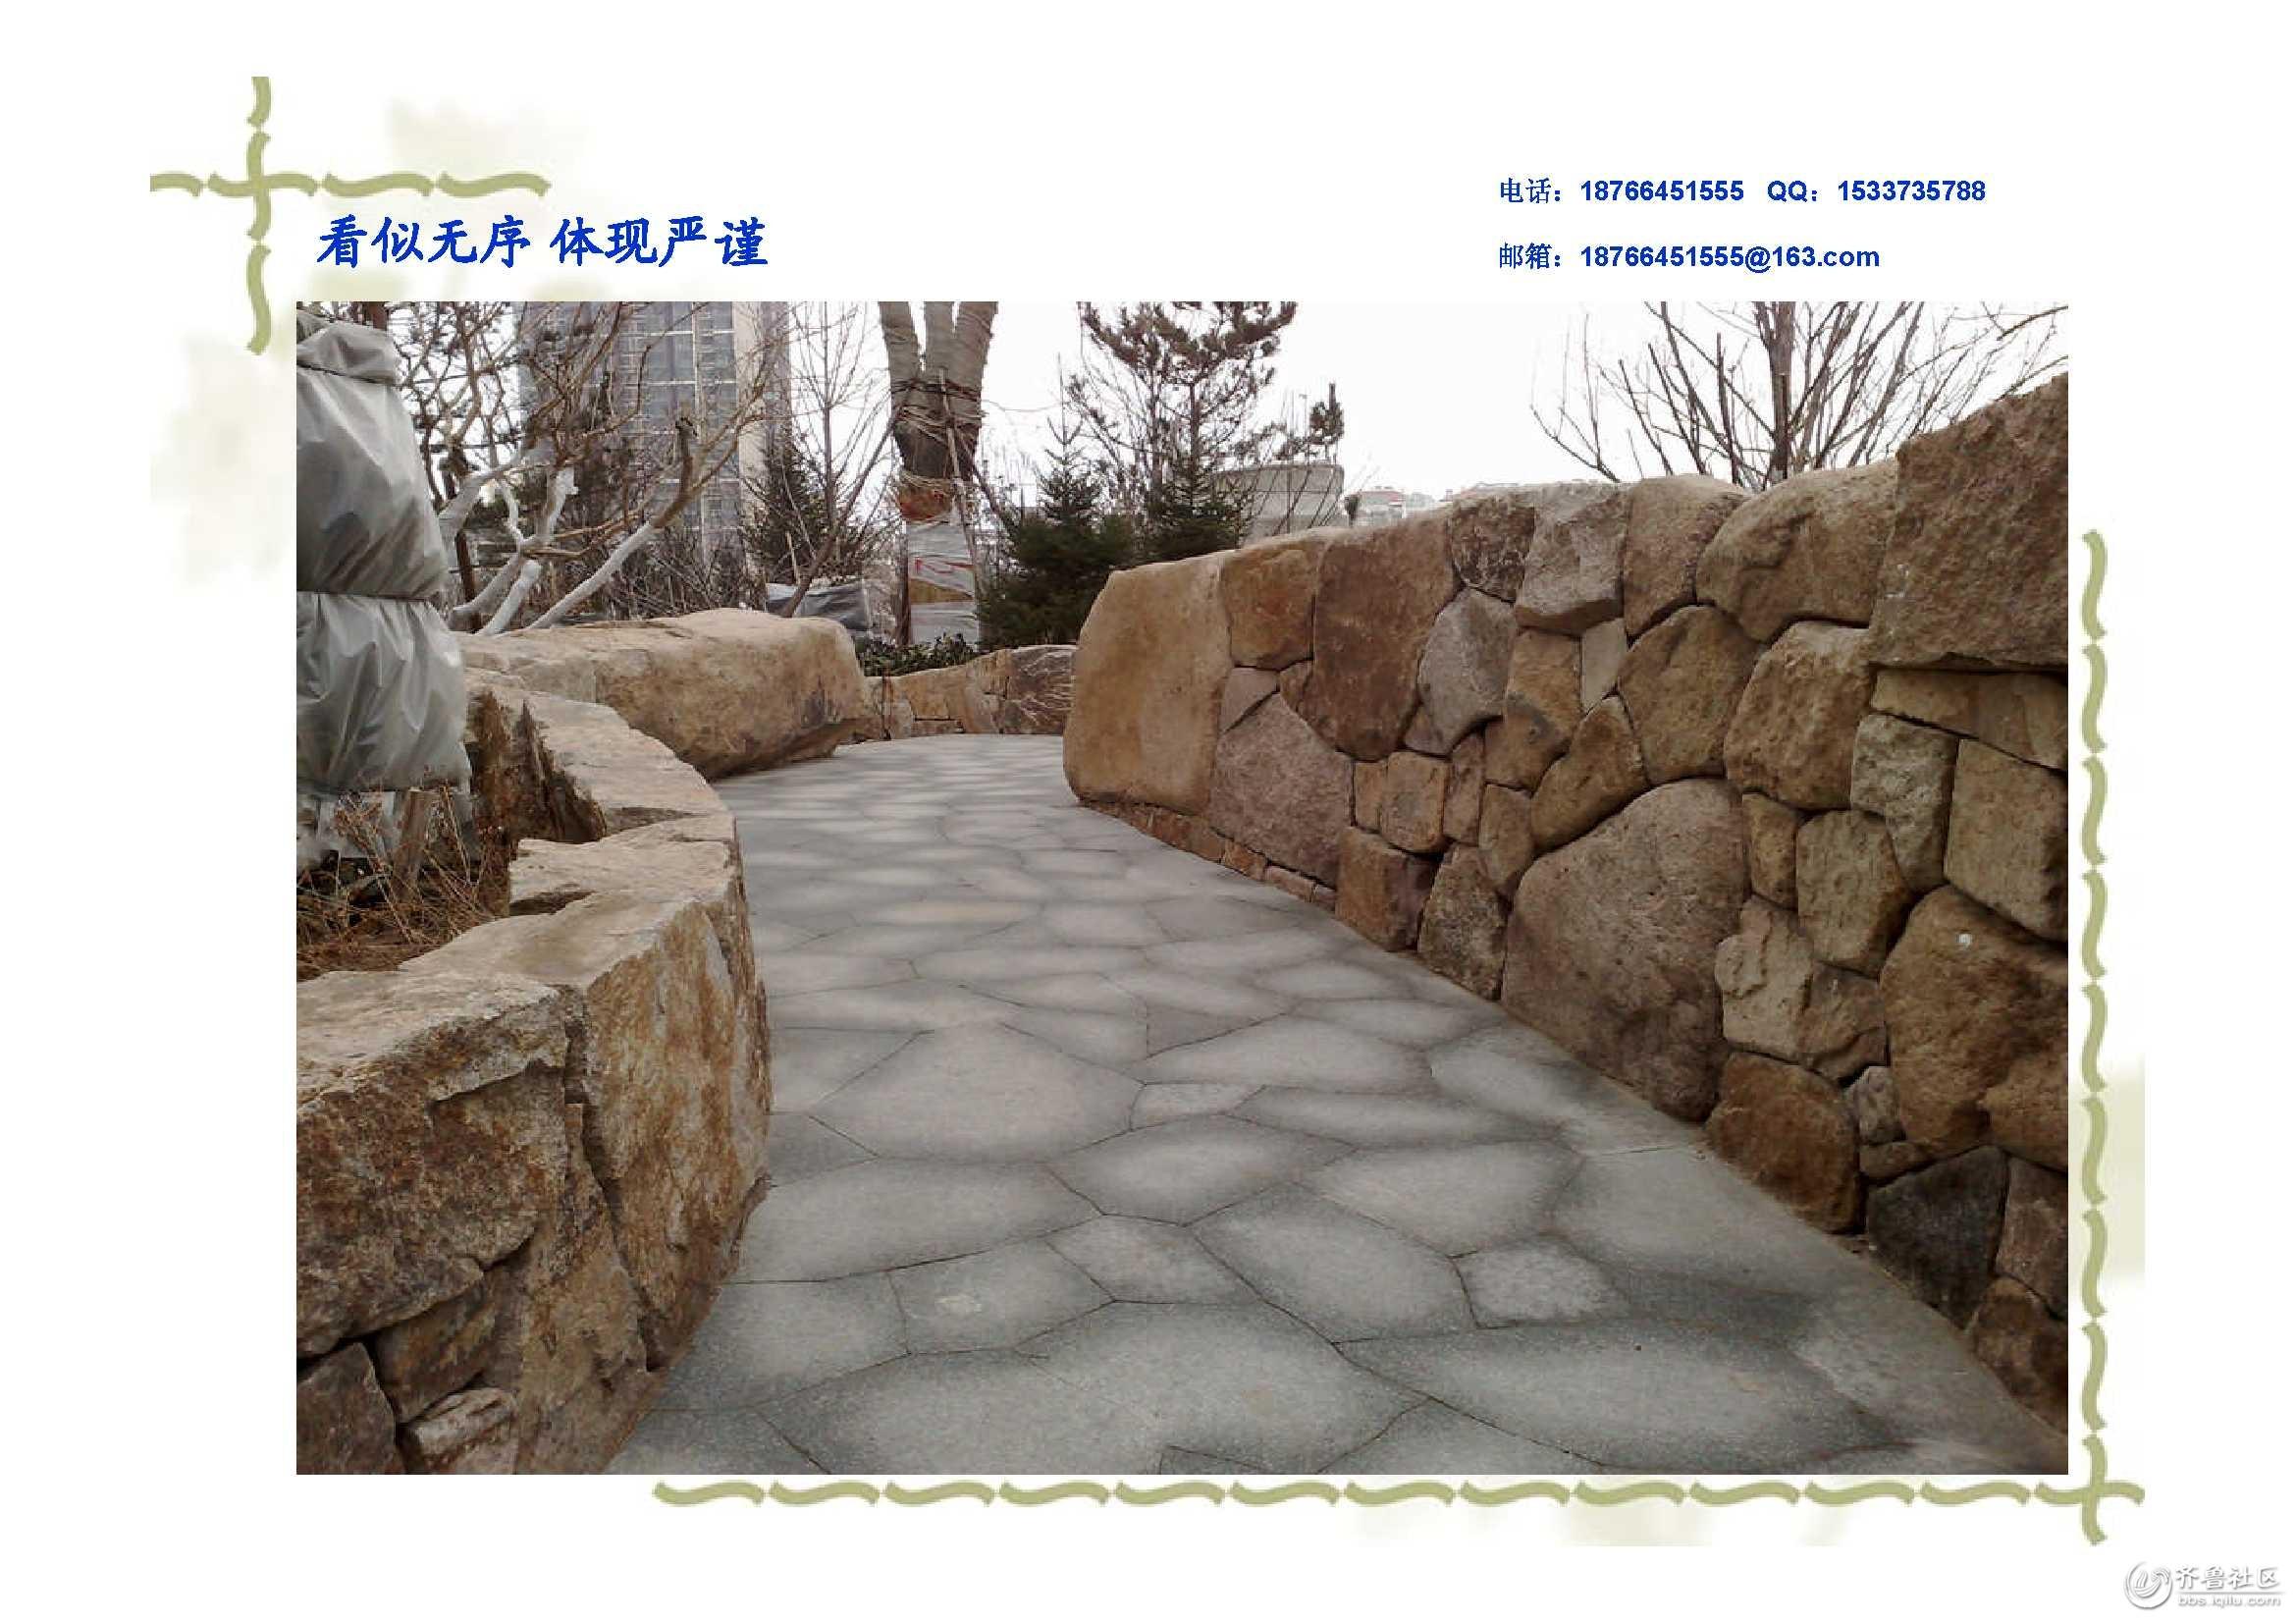 别墅庭院 私家园林 景观雕塑 假山水系 廊架凉亭 实景